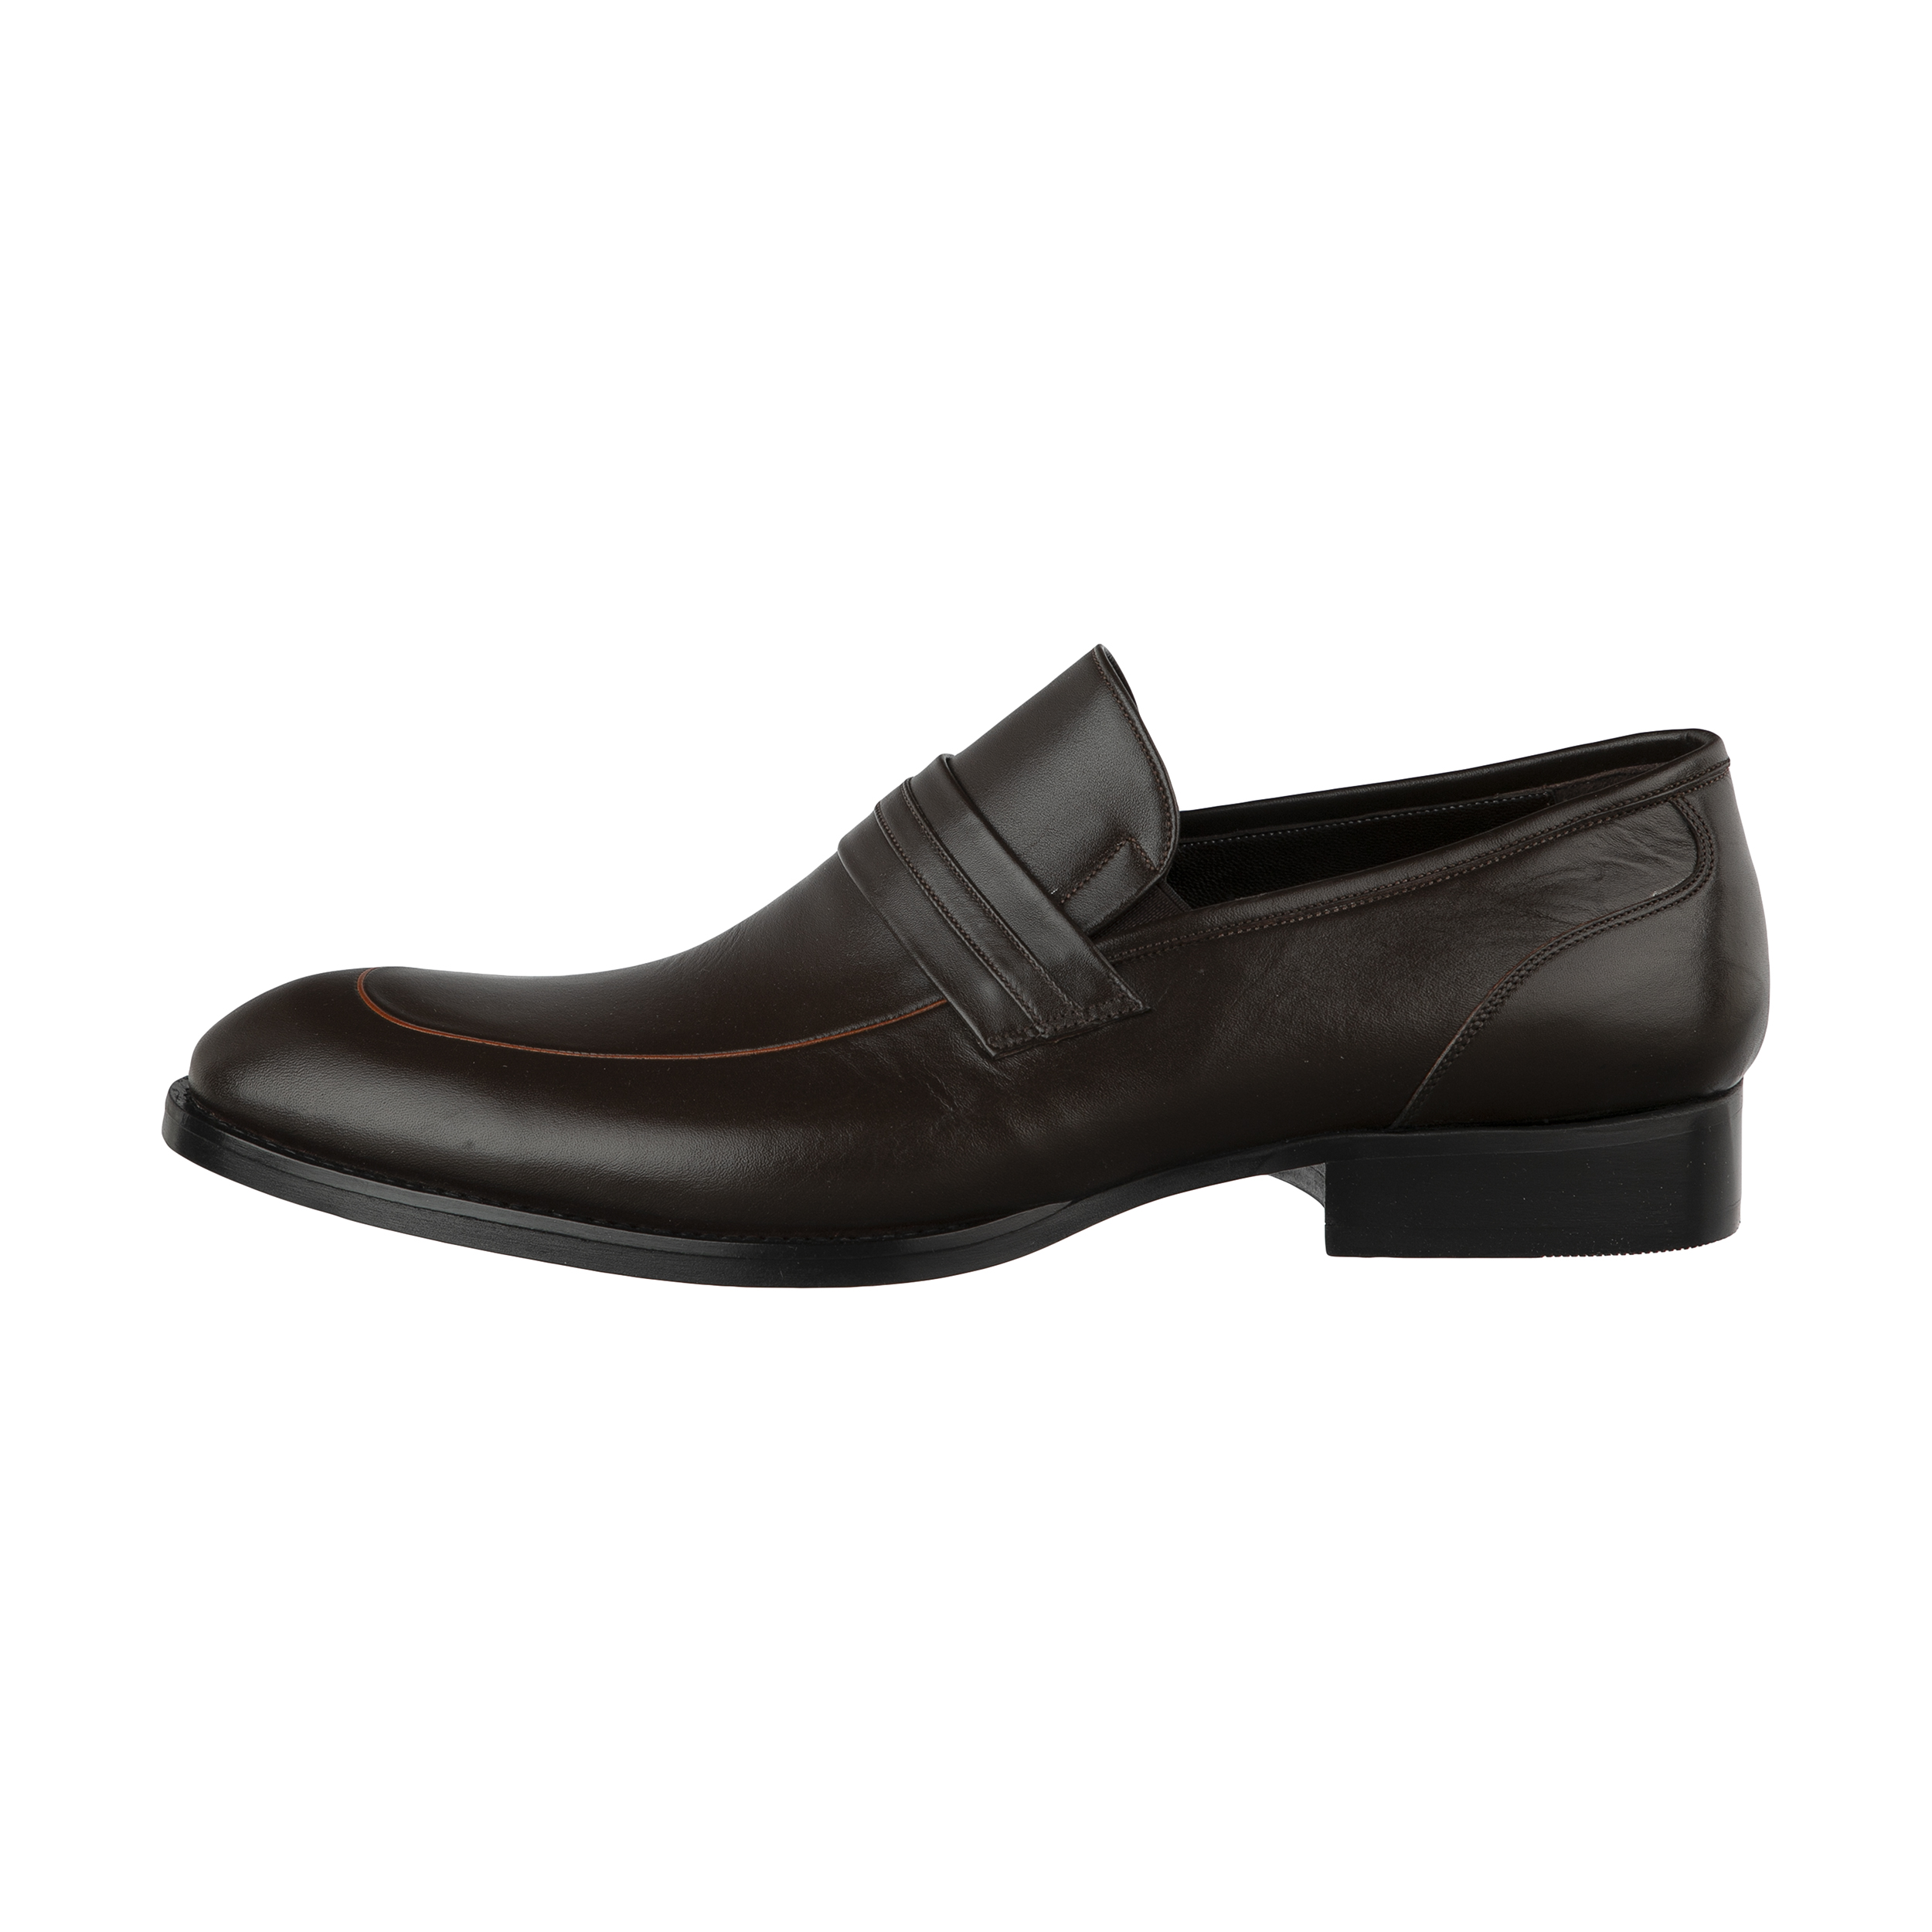 کفش مردانه تد مدل M42             , خرید اینترنتی